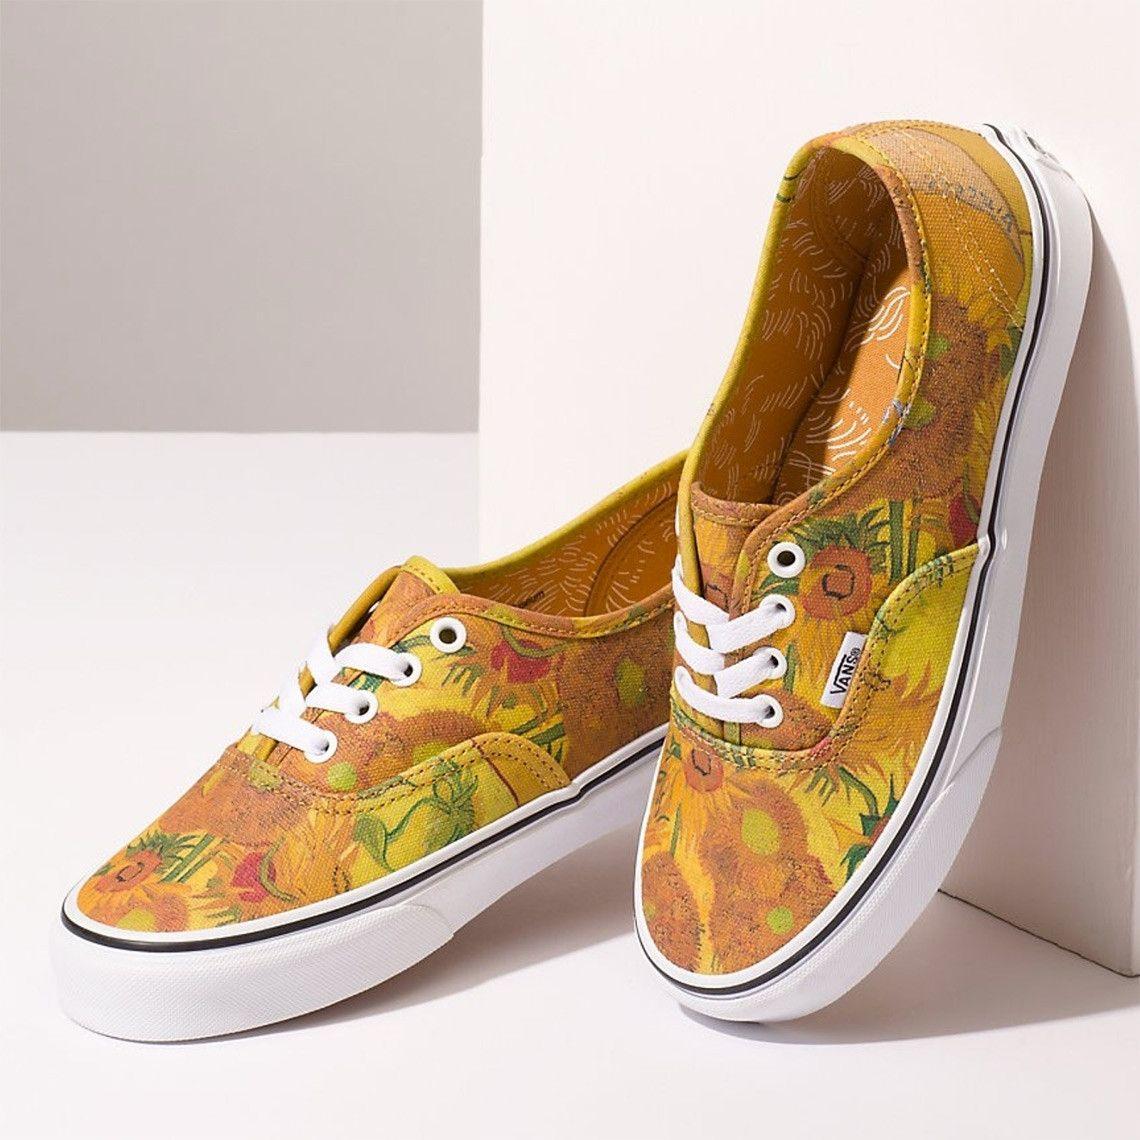 Van Gogh Vans Shoes First Look + Release Info | Vans shoes